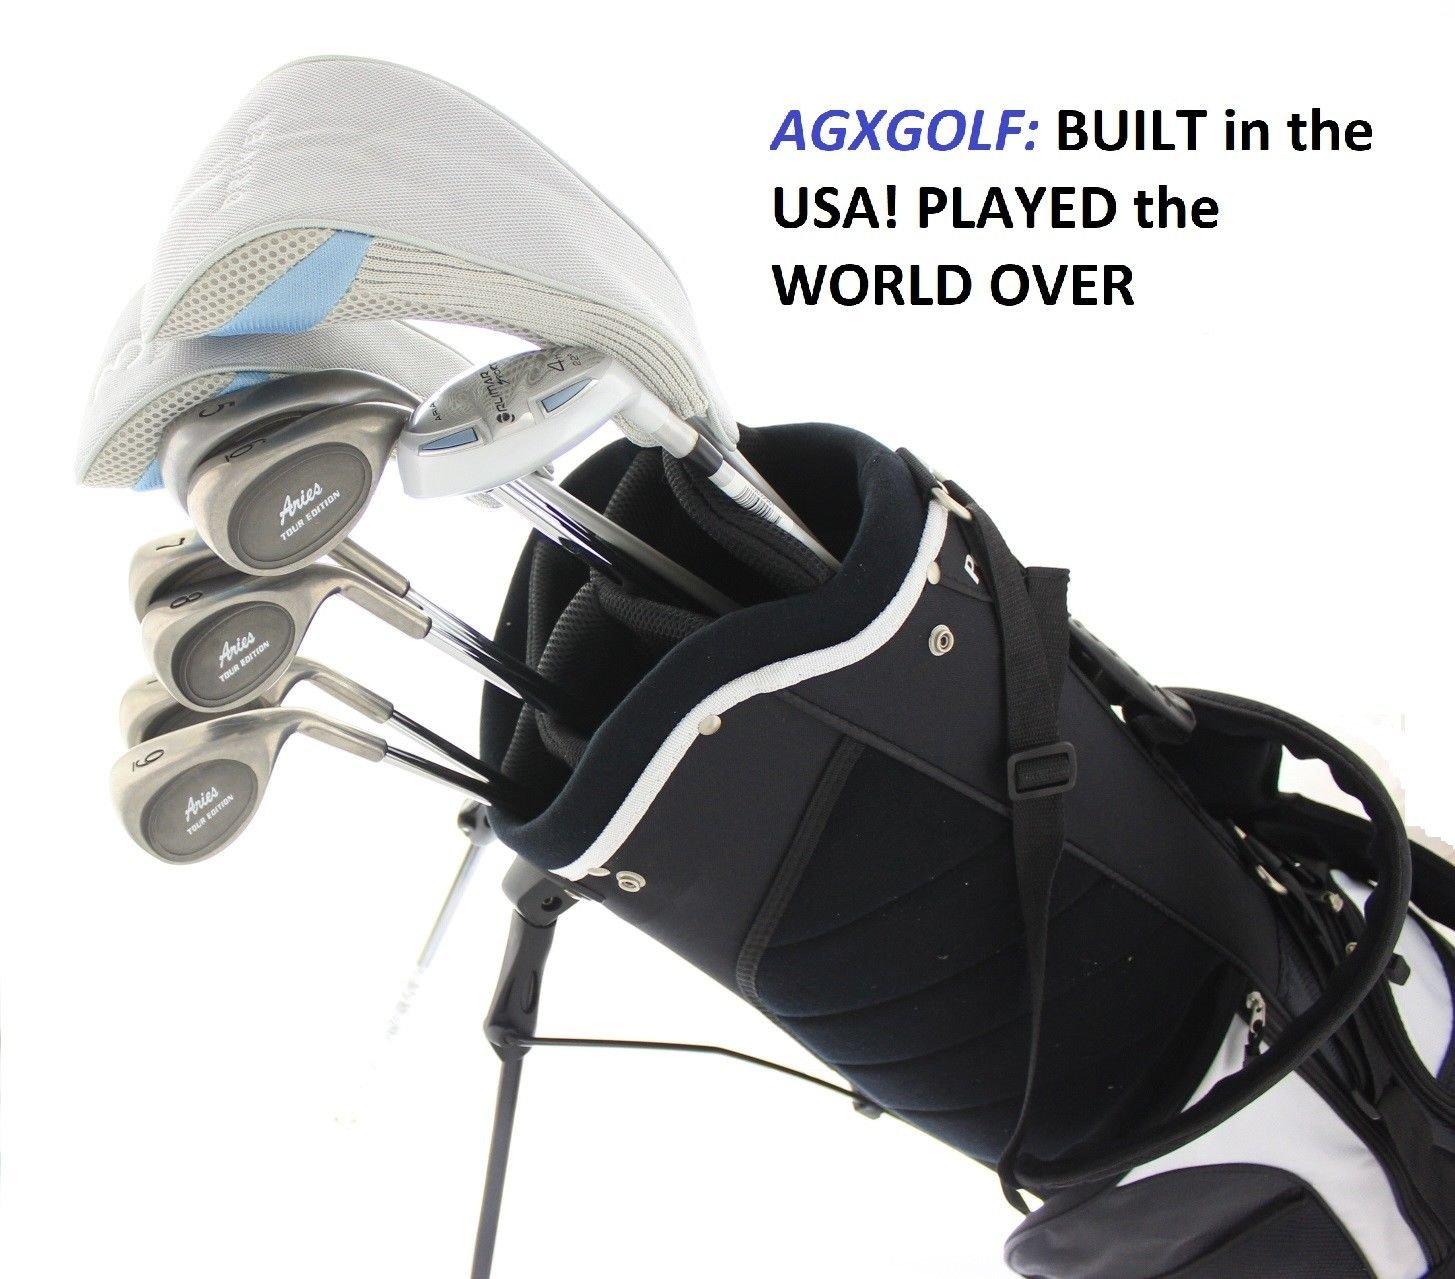 AGXGOLF レディース 右手 XLT ゴルフクラブセット スタンドバッグ+ドライバー+3 Wd+ハイブリッド+5-9 アイアン+ピッチングウェッジ+フリーパター:プチ、レギュラーまたはトールレングス; 米国製組立。  Tall Length